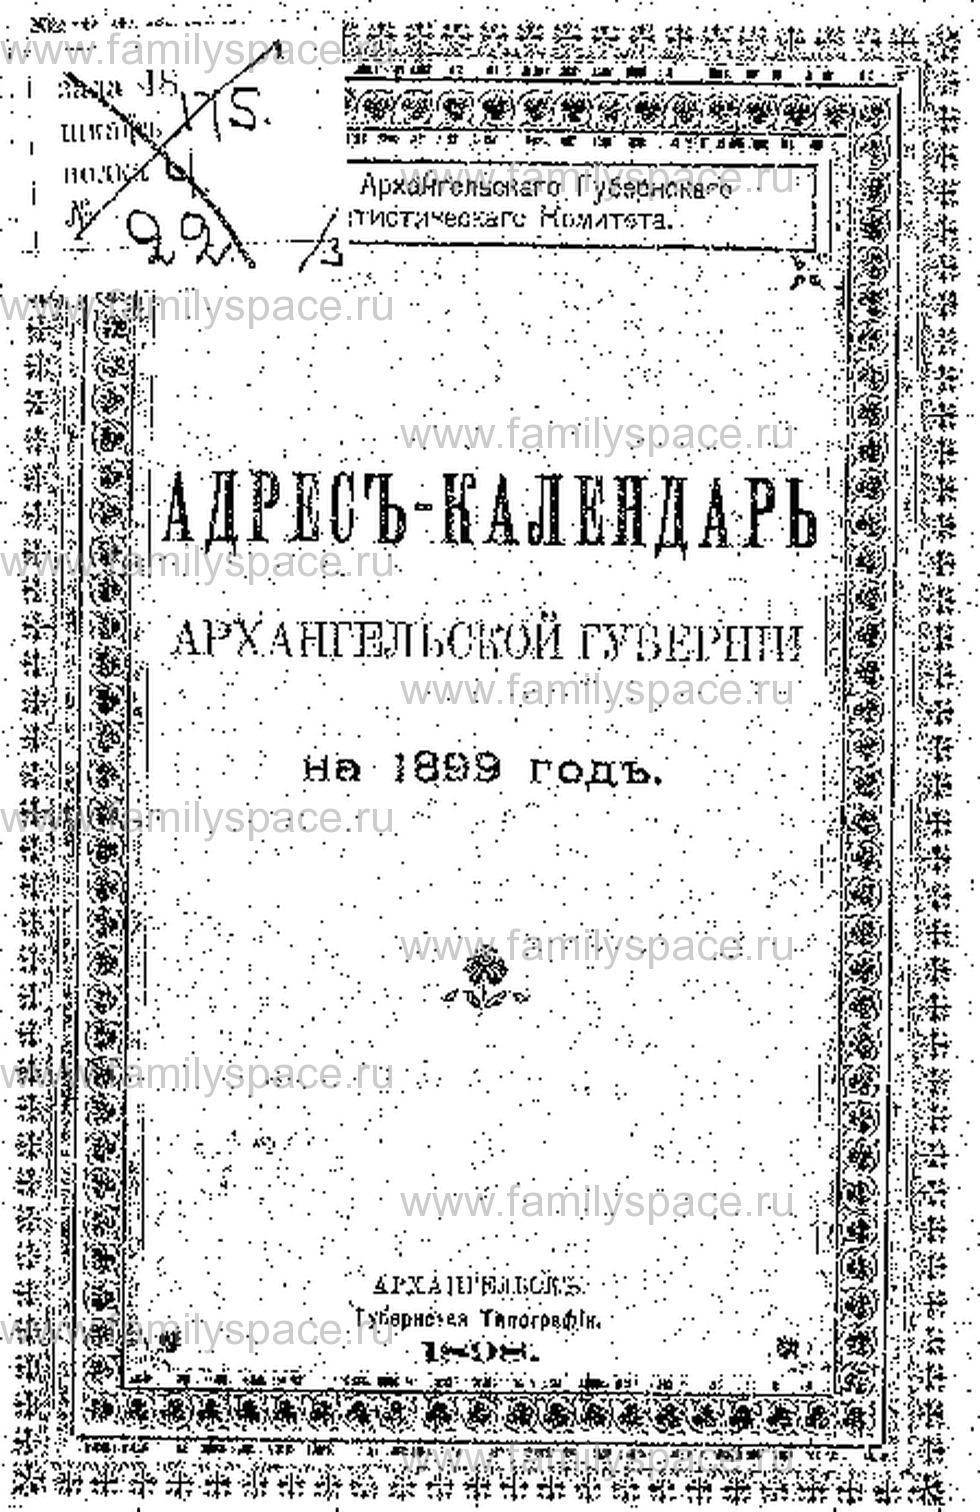 Поиск по фамилии - Адрес-календарь Архангельской губернии на 1899 г, страница 1